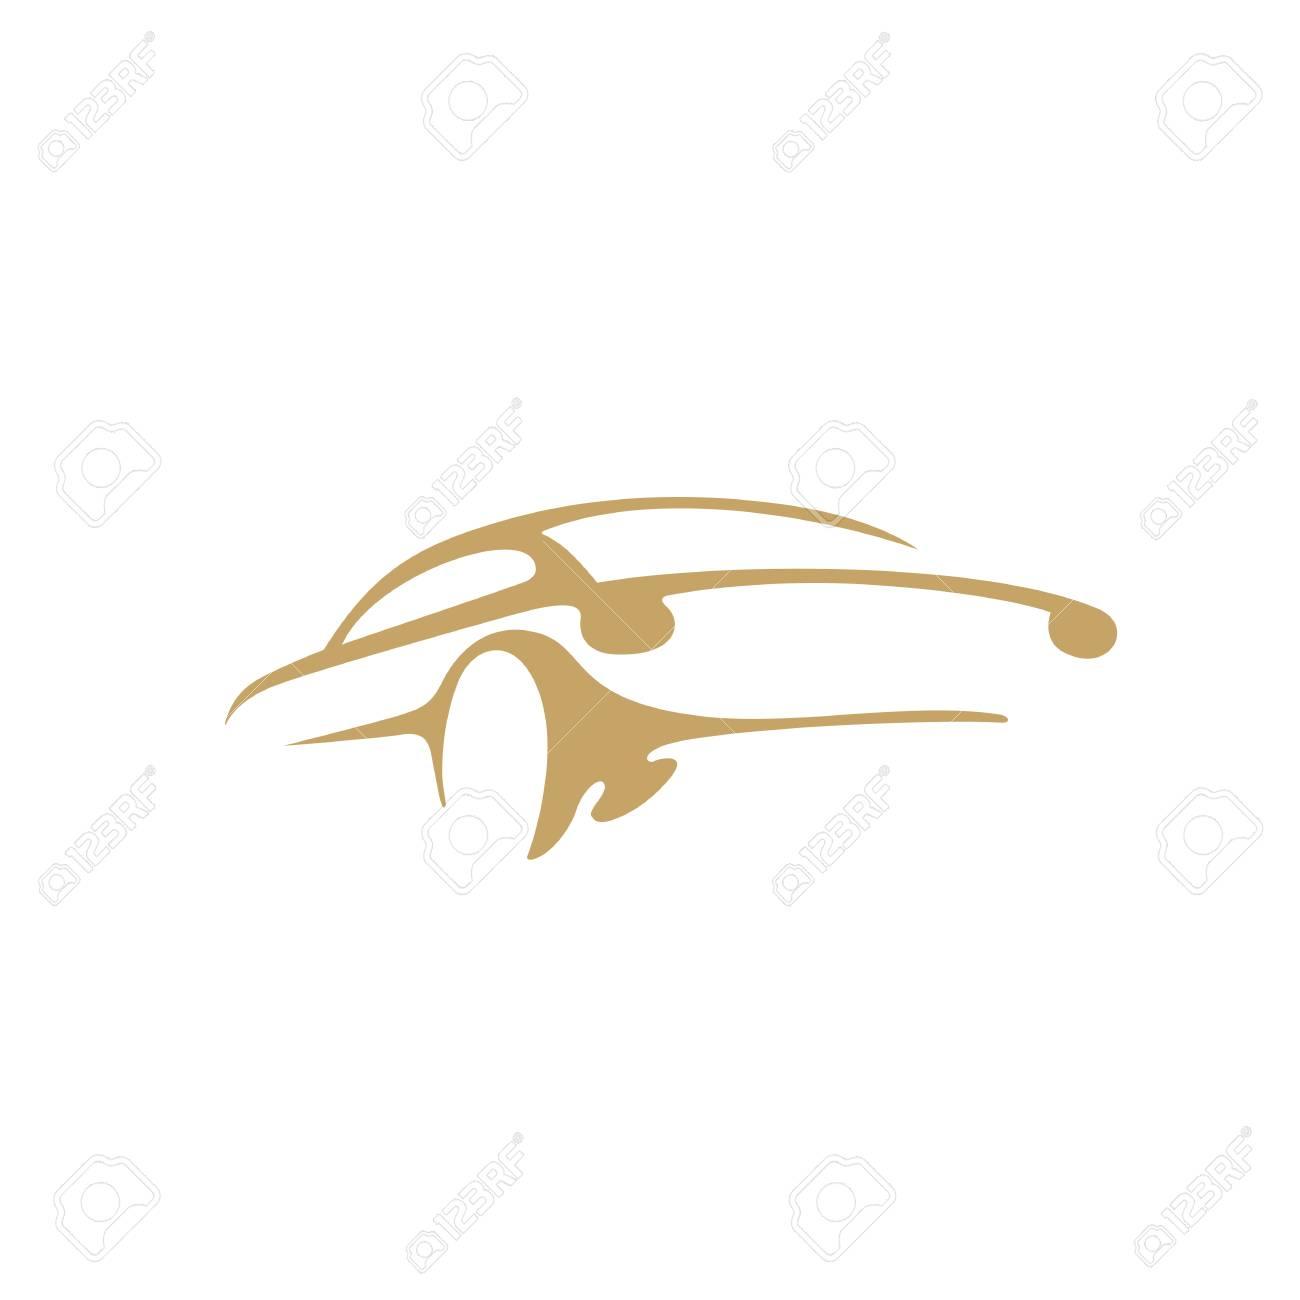 Minimal logo of car vector illustration - 94908313